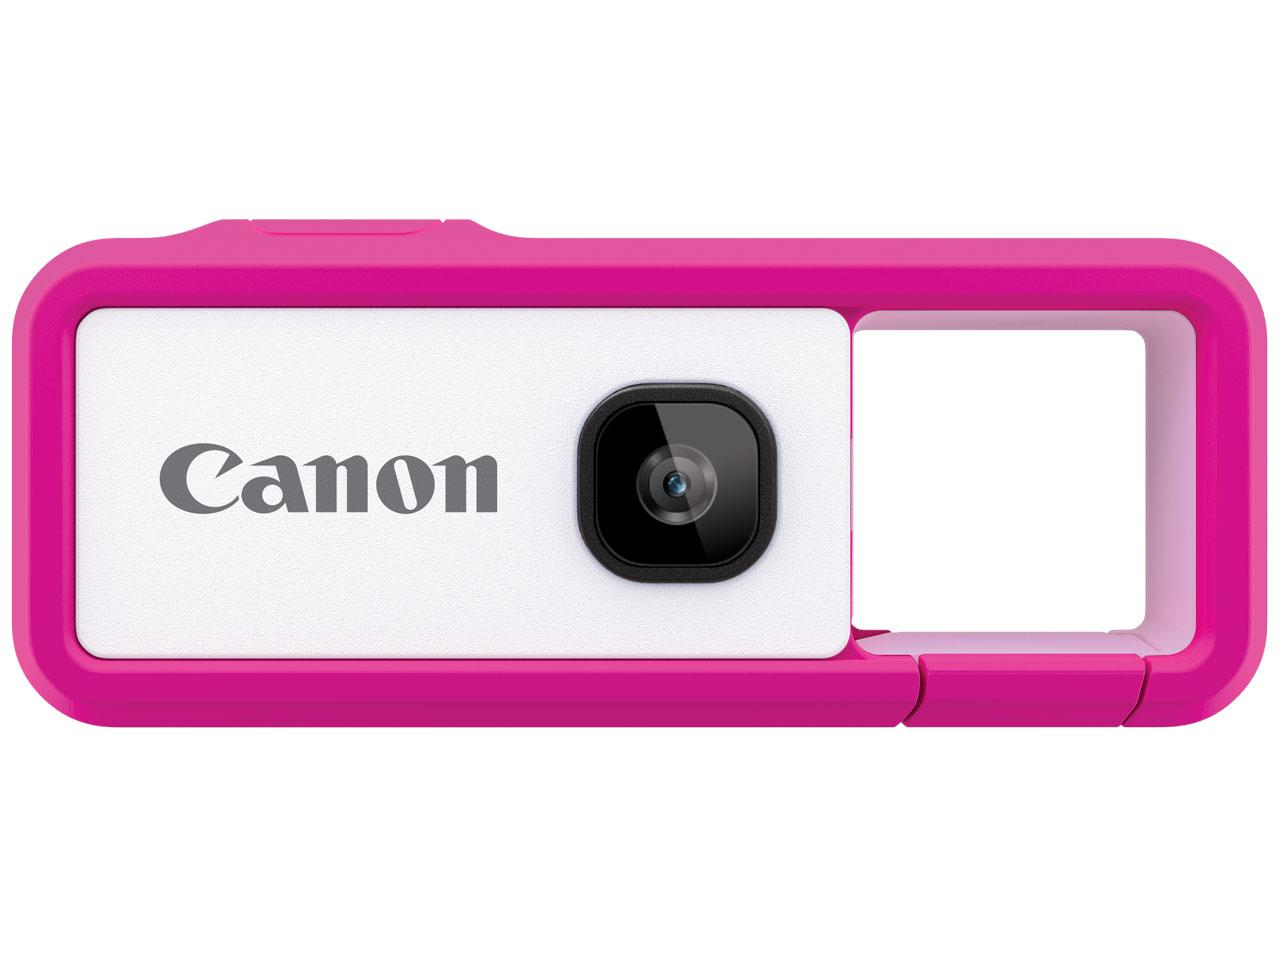 キヤノンデジタルカメラ iNSPiC REC FV-100 PINK(FV-100 PINK)